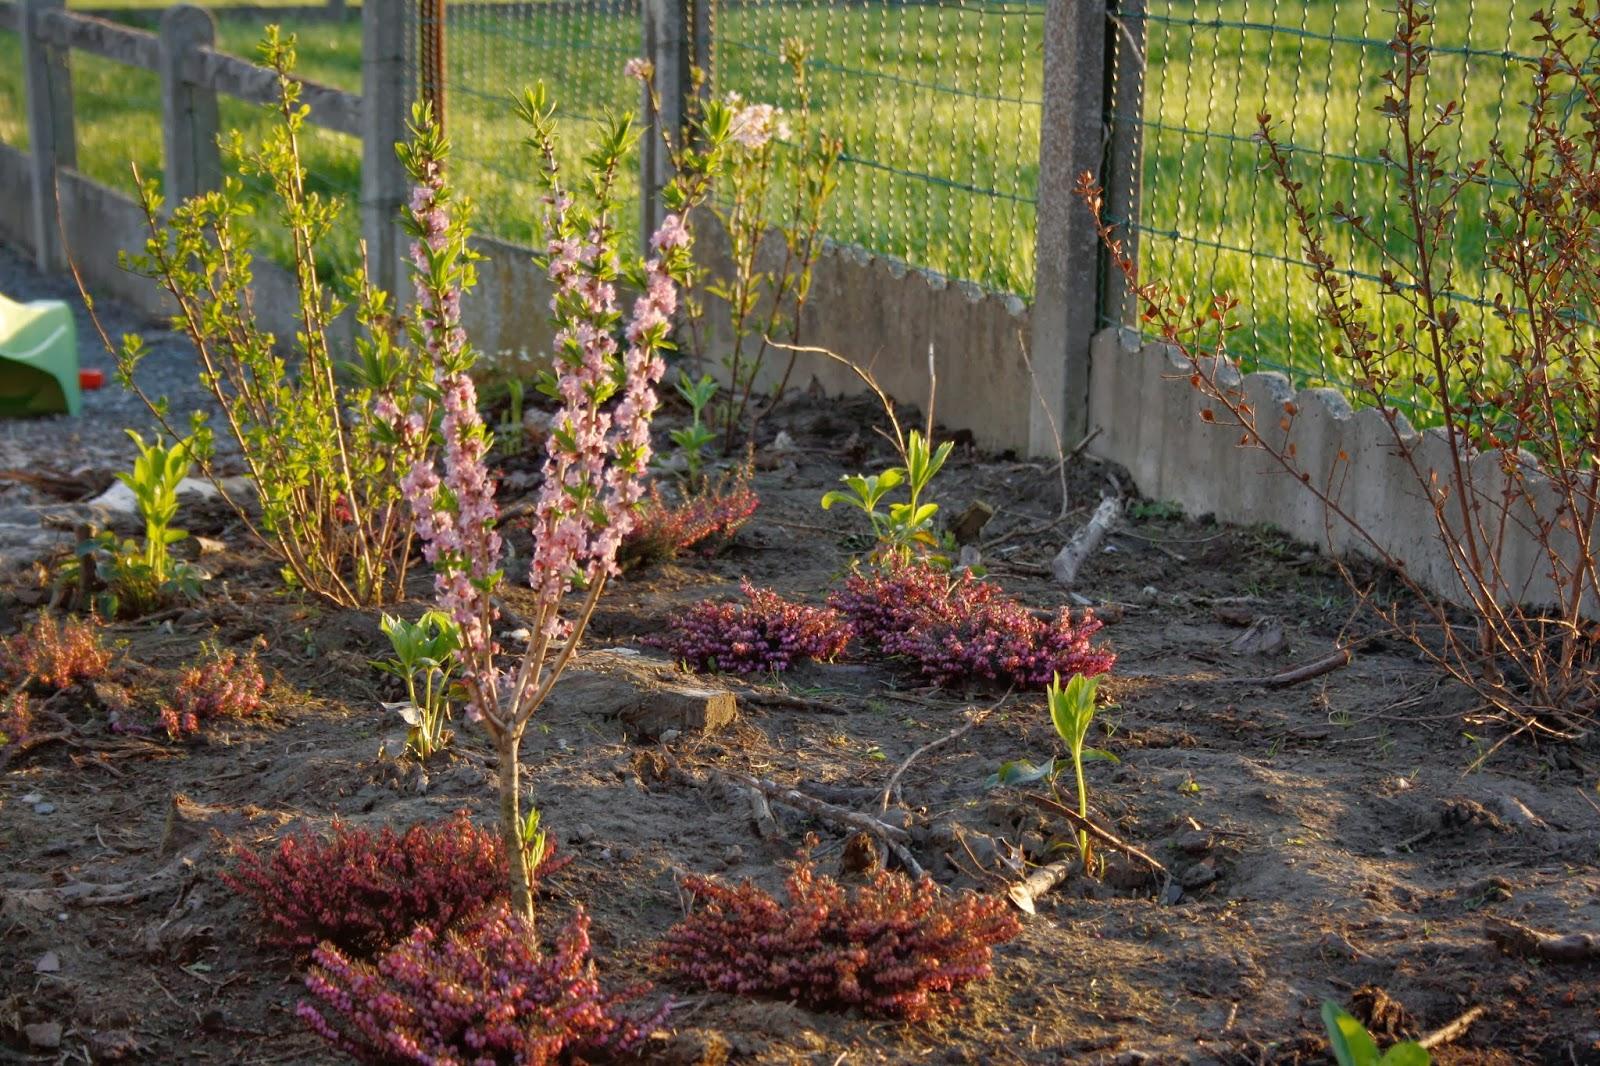 Le jardin en d sordre en avril - Que faire au jardin en avril ...